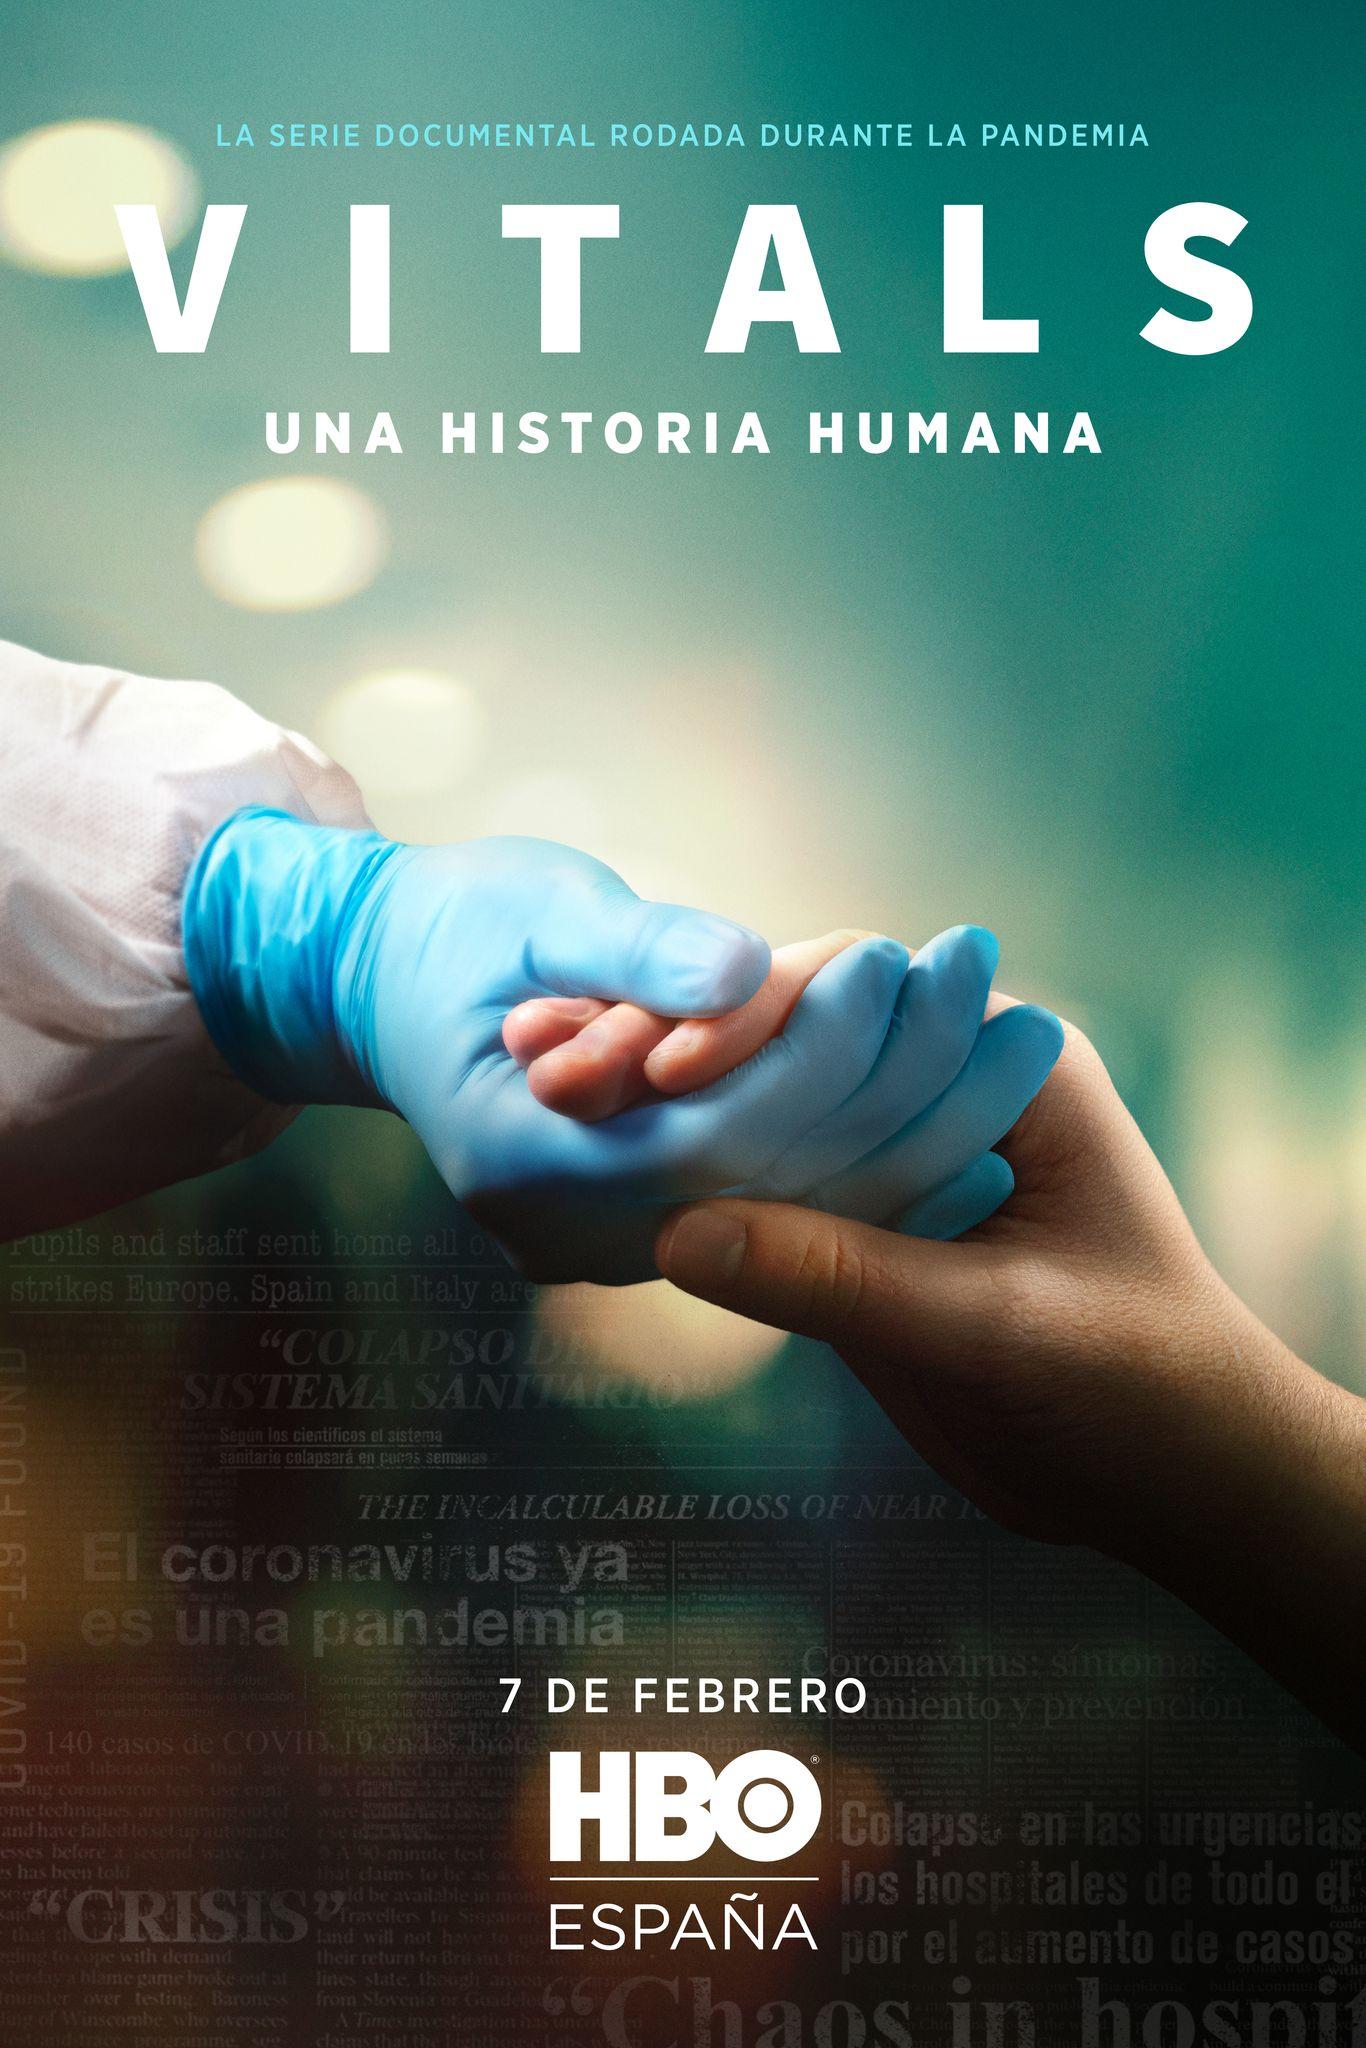 La serie documental 'Vitals' llega el próximo 7 de Febrero